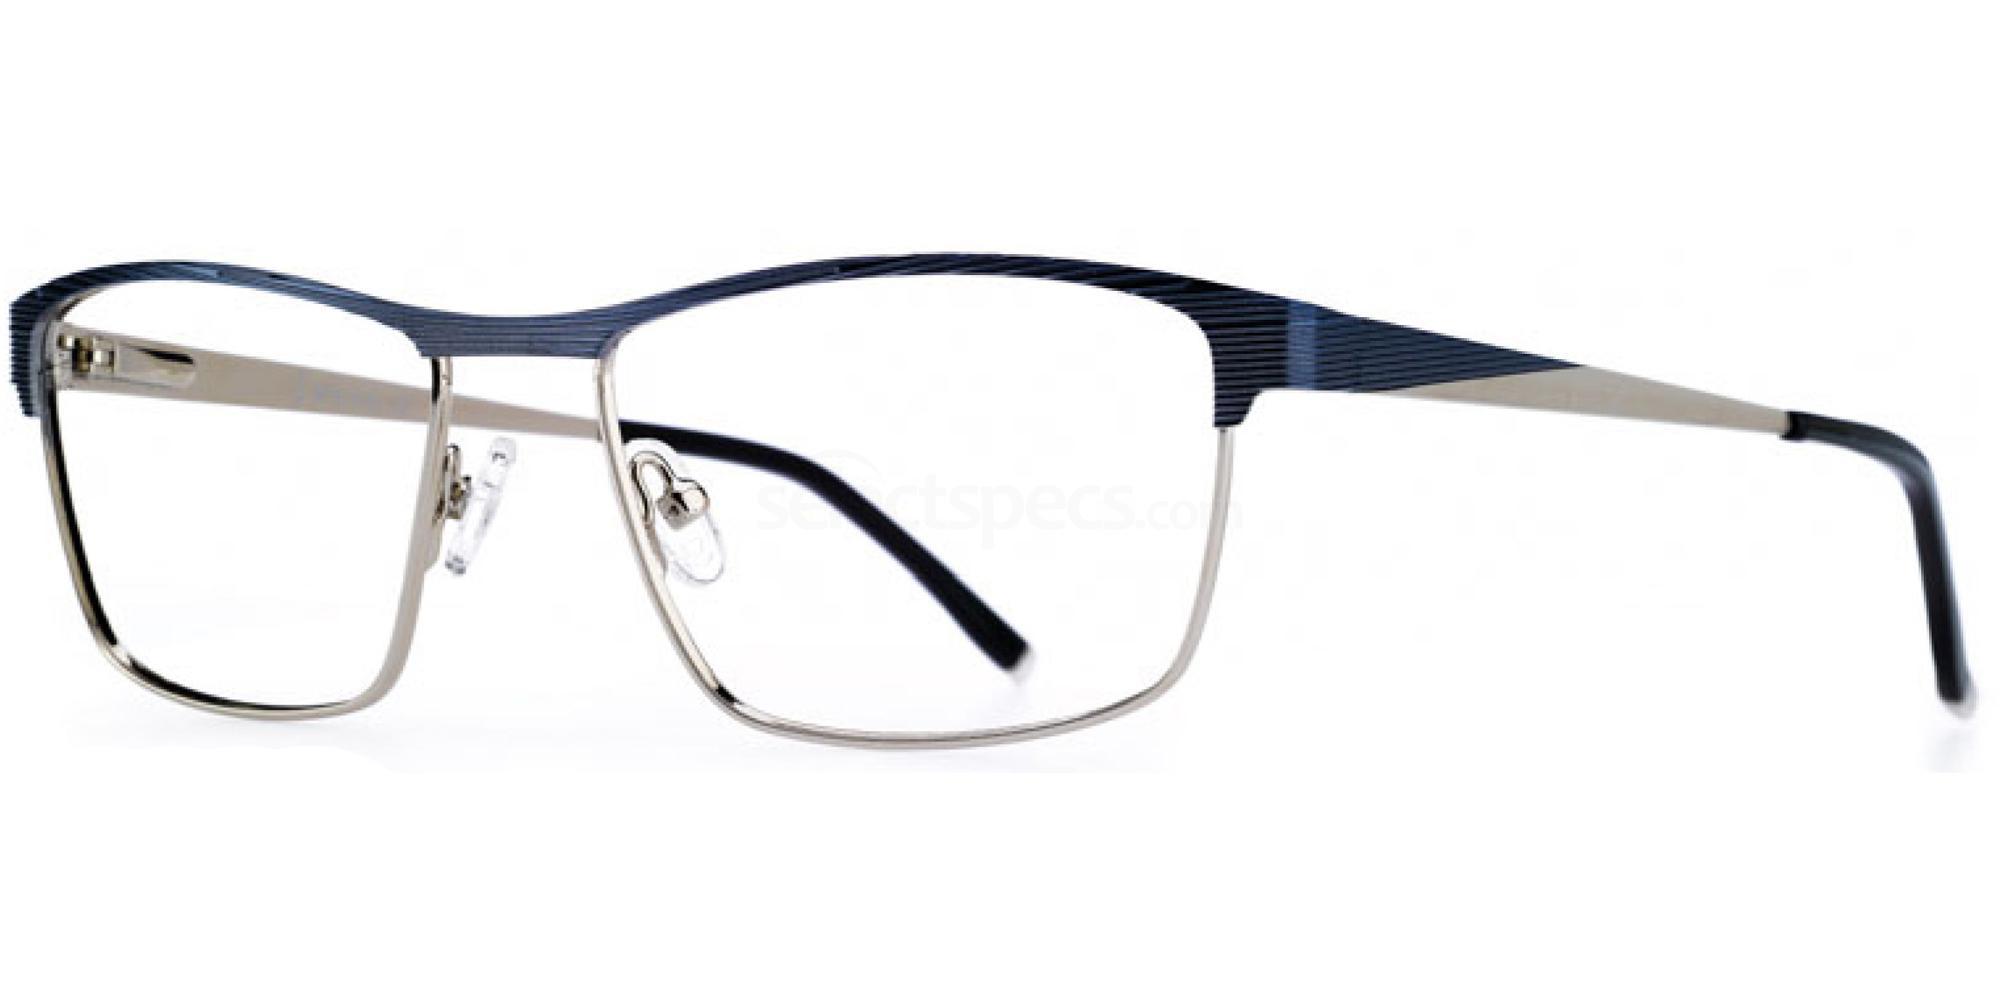 C1 i Wear 6035 Glasses, i Wear